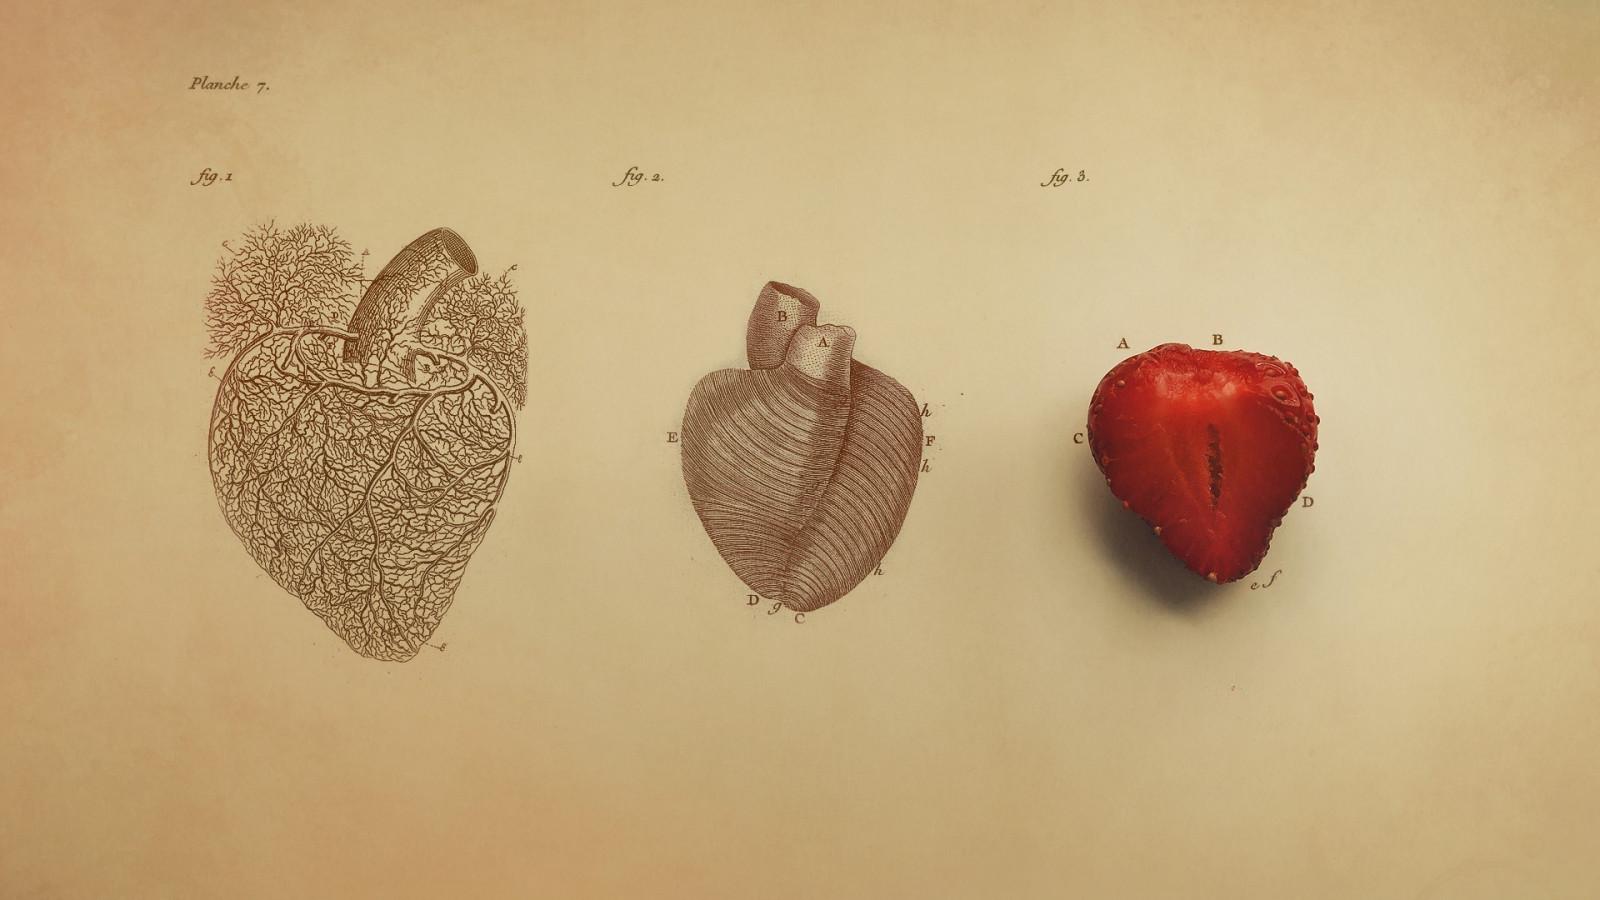 Wallpaper Gambar Jantung Merah Seni Warna Mata Tangan Hati